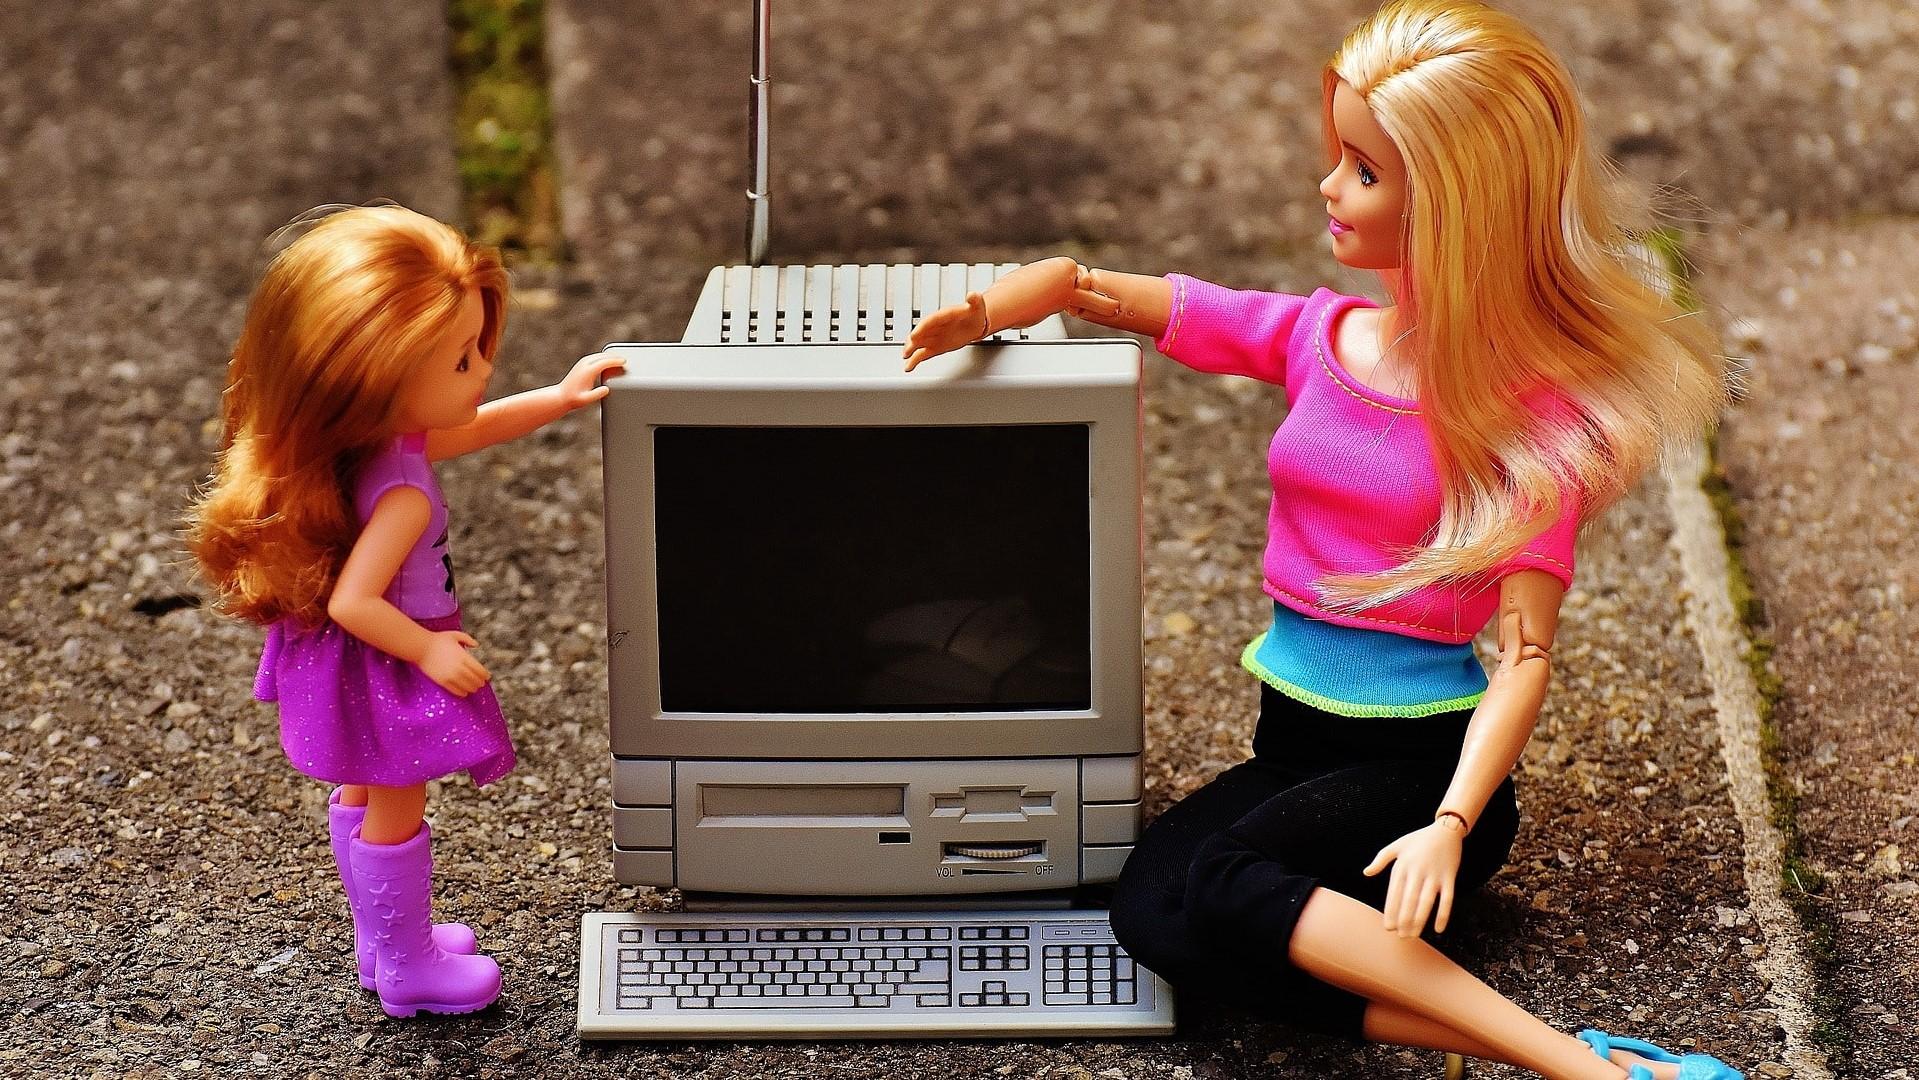 COOT - Coparentalité: contrôler l'utilisation des réseaux sociaux de ses enfants